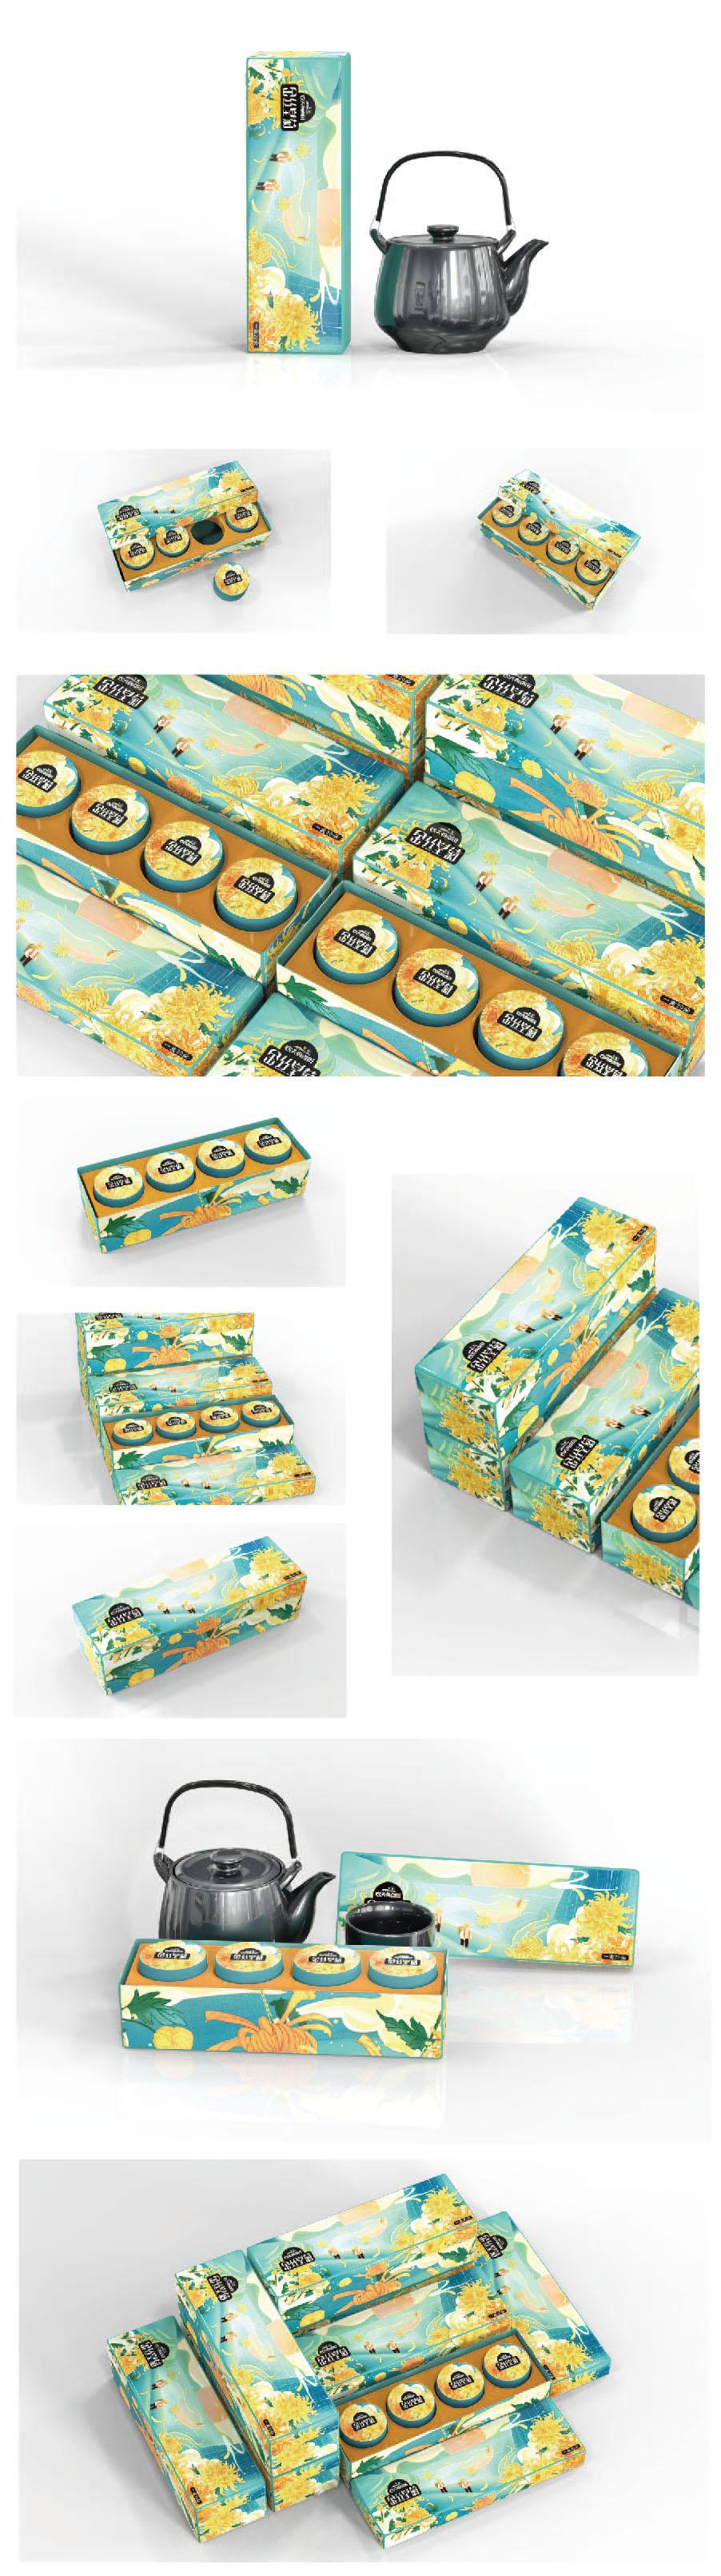 茶叶包装/花茶包装/高端礼盒包装设计/礼盒茶叶包装设计/食品包装设计